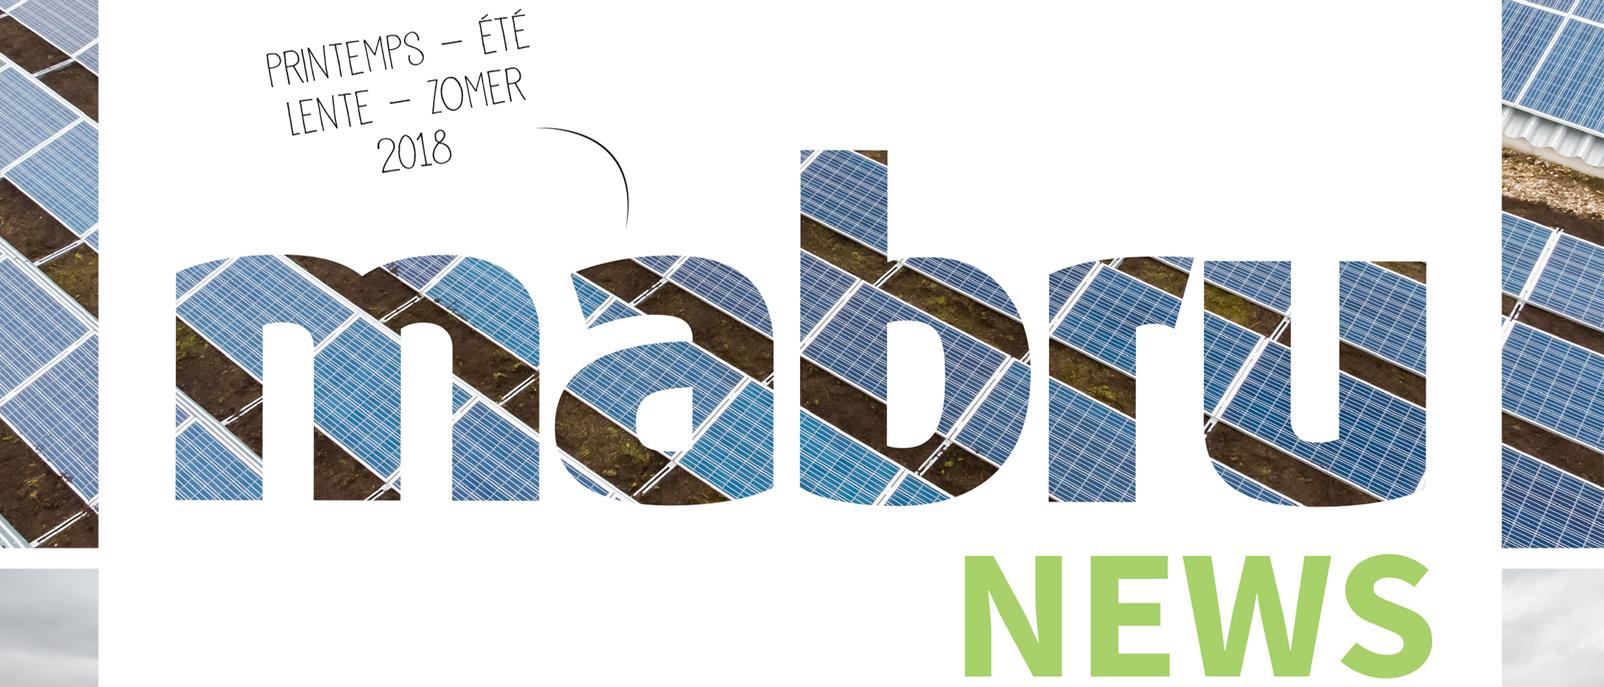 Le Mabru News Printemps-Été 2018 est sorti